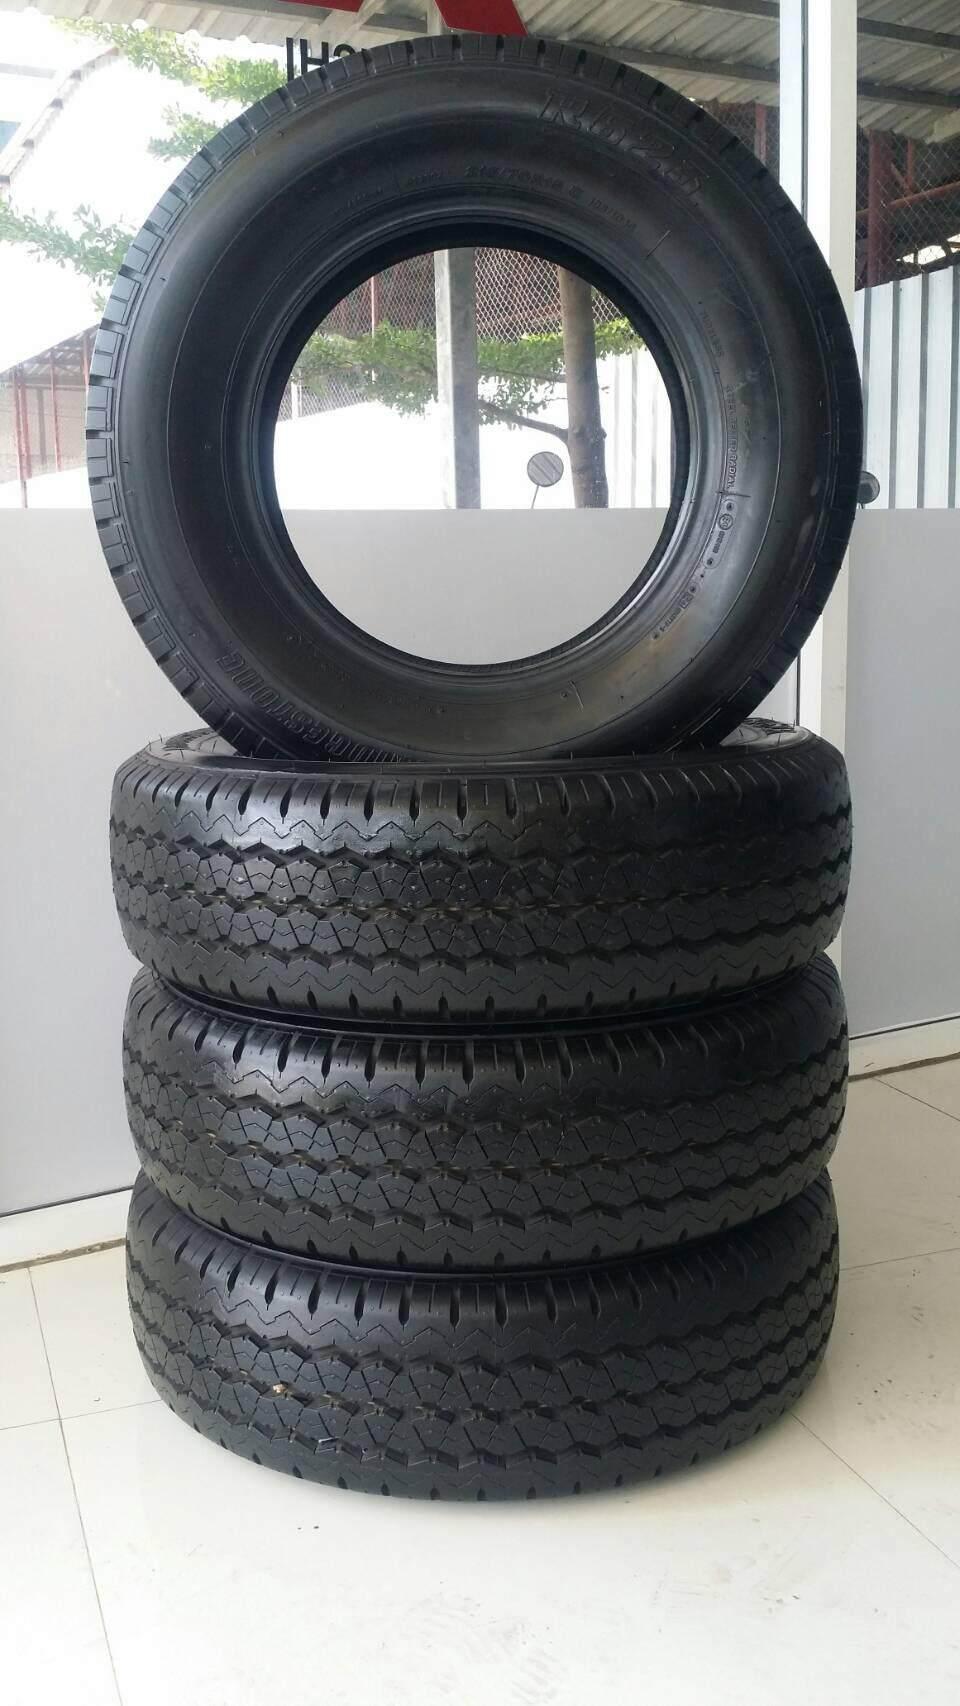 ประกันภัย รถยนต์ 3 พลัส ราคา ถูก ยโสธร Bridgestone 215/70-15 R623 4 เส้น ปี 17 (ฟรี จุ๊บลมยาง 4 ตัว)